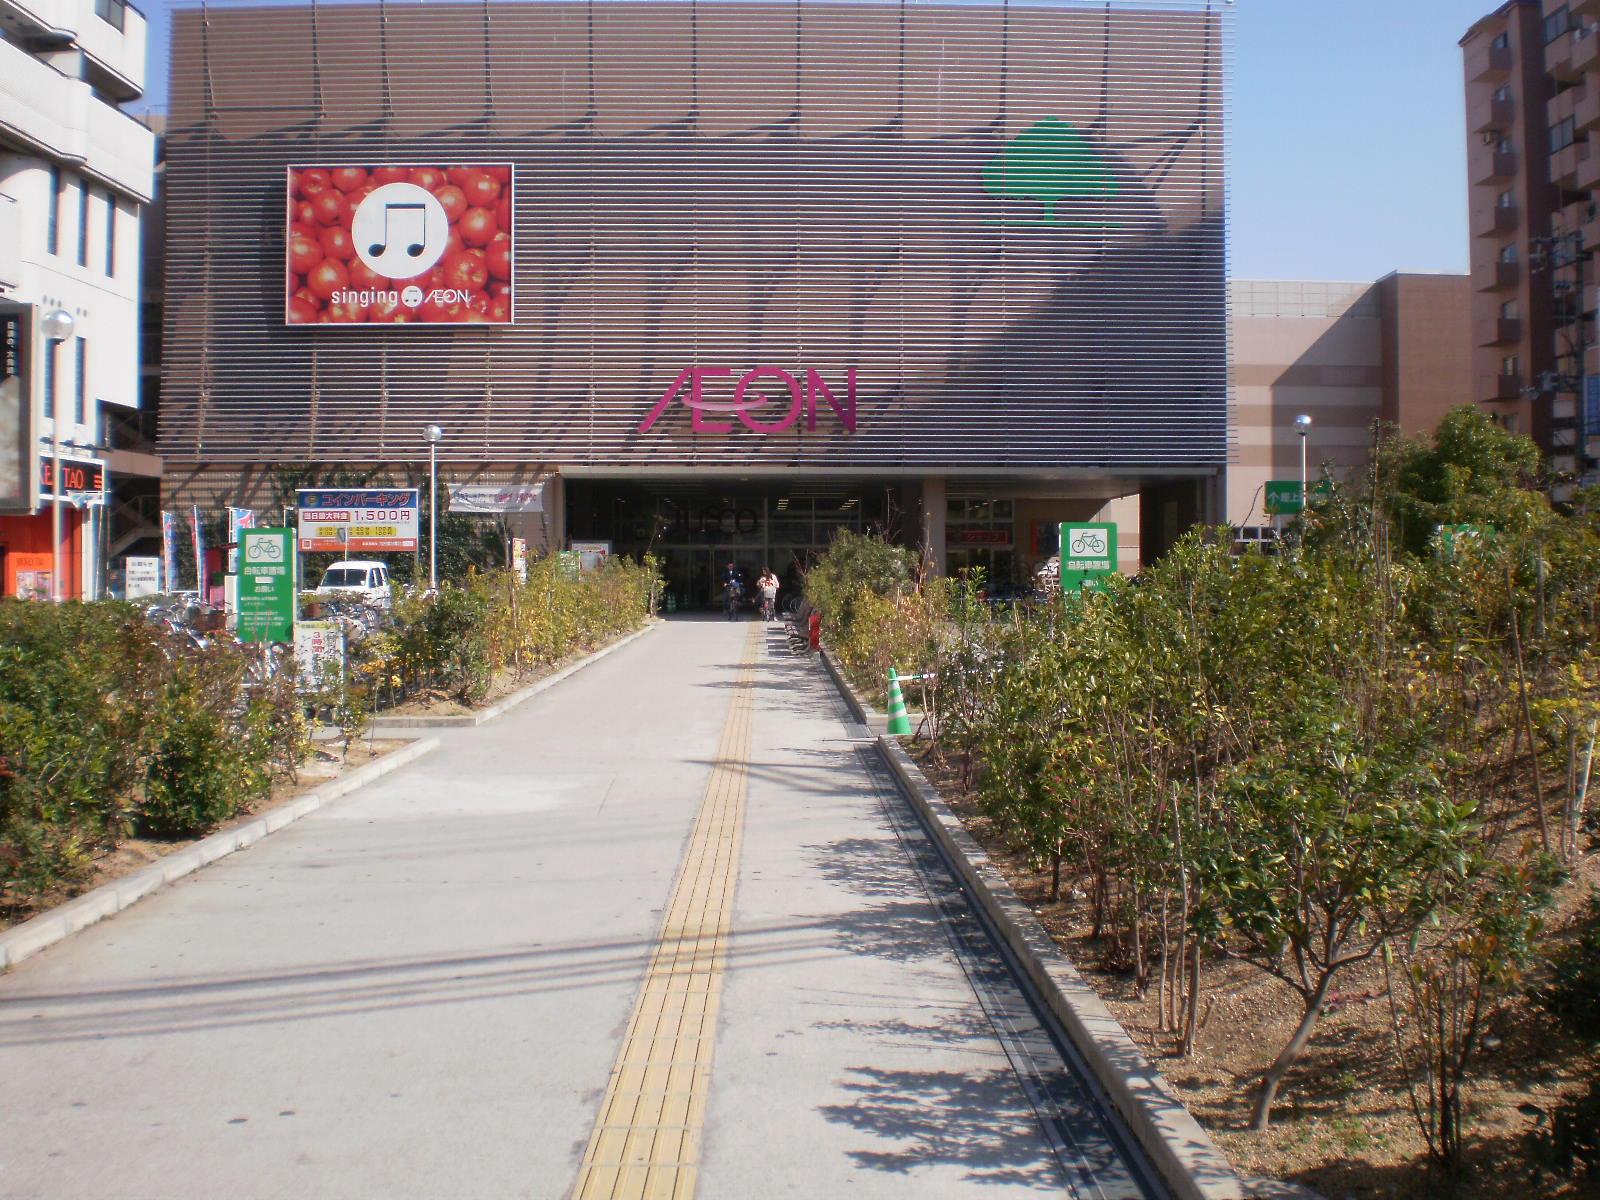 ショッピングセンター イオン喜連瓜破ショッピングセンター(ショッピングセンター)まで1176m